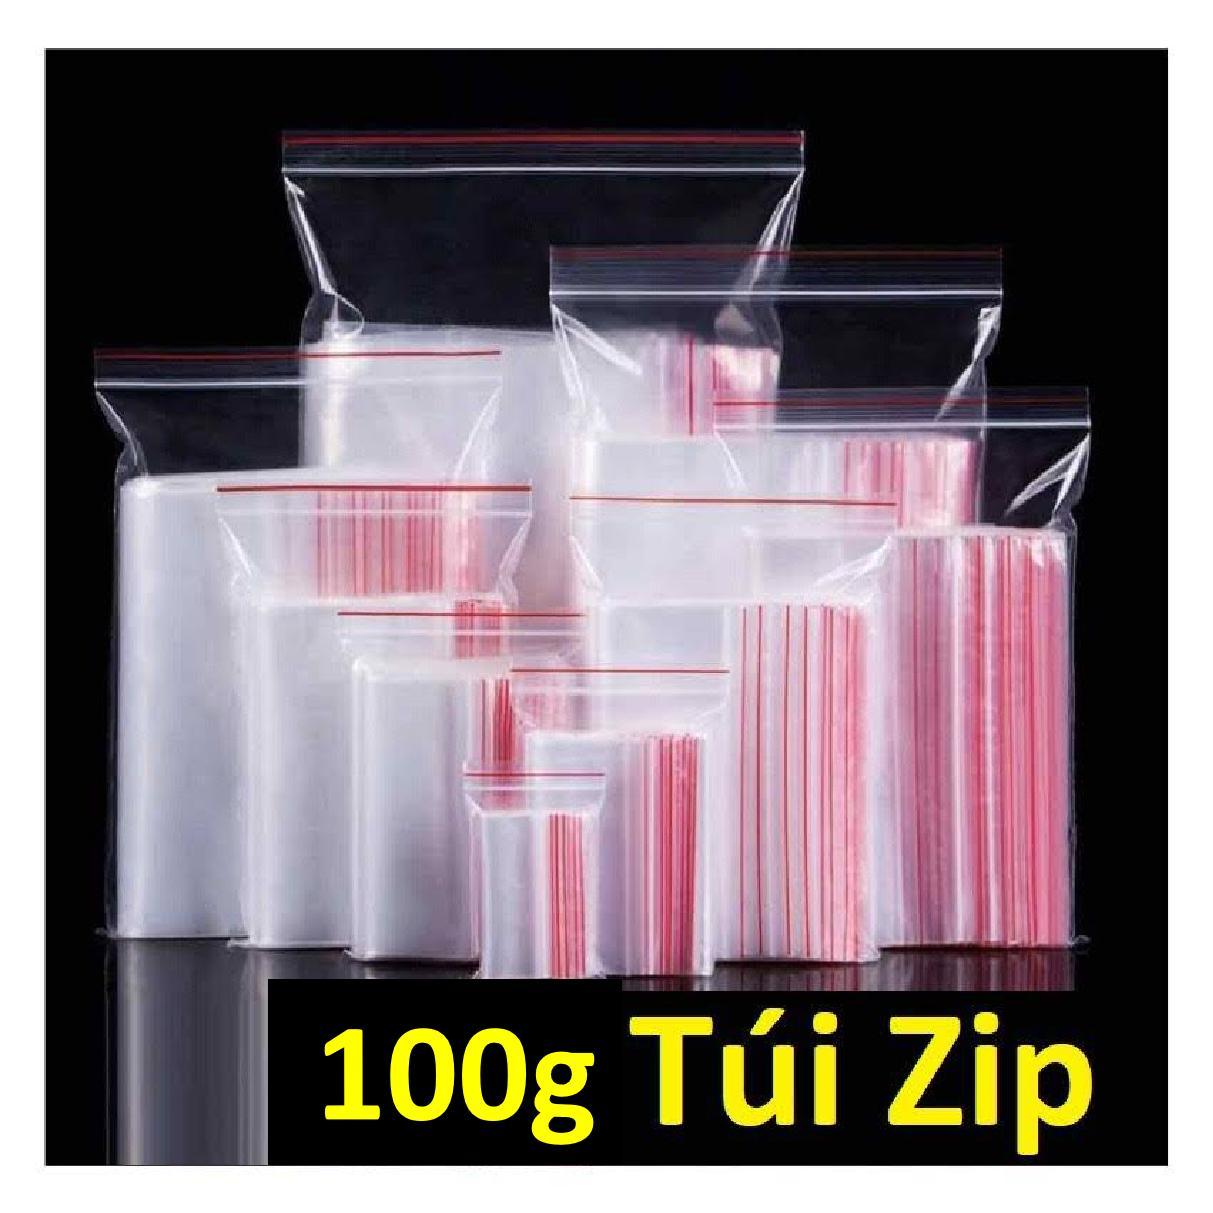 100g Túi Zipper Đủ Size Giá Rẻ Tp HCM Đang Giảm Giá